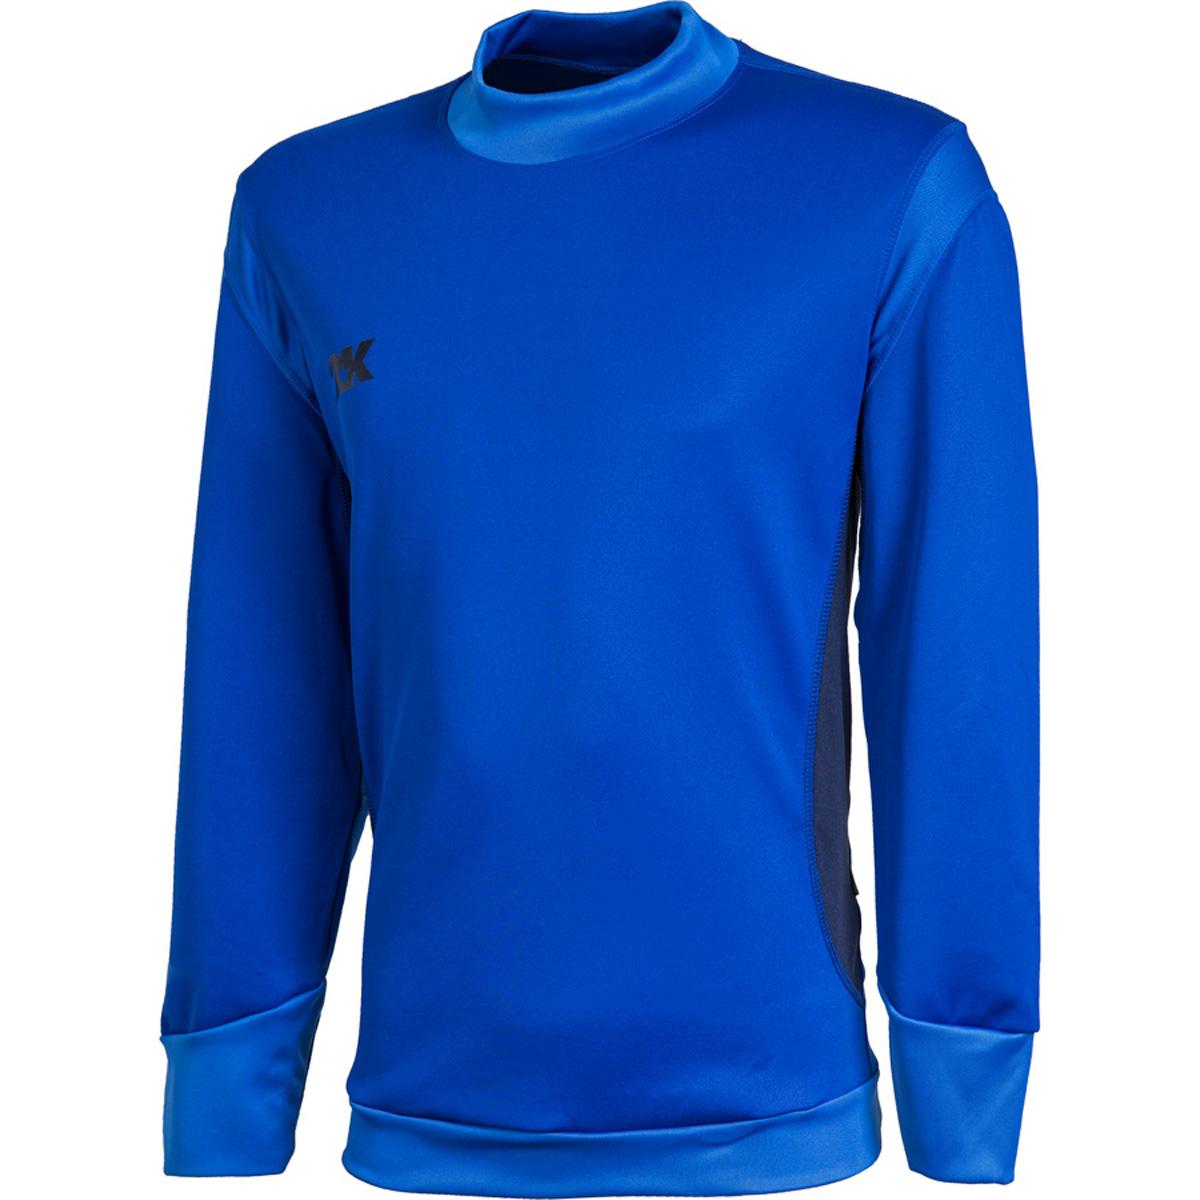 Тренировочный лонгслив 2K Sport Vettore, цвет: синий, темно-синий. 111135. Размер L (50)111135_royal/navyТренировочный лонгслив 2K Vettore предназначен для тренировок в теплое время года, а также отлично подходит для повседневной носки. Вентилируемая ткань, обеспечивающая эффективный отвод влаги и сохранение тепла. Анатомический крой манжет на рукавах.